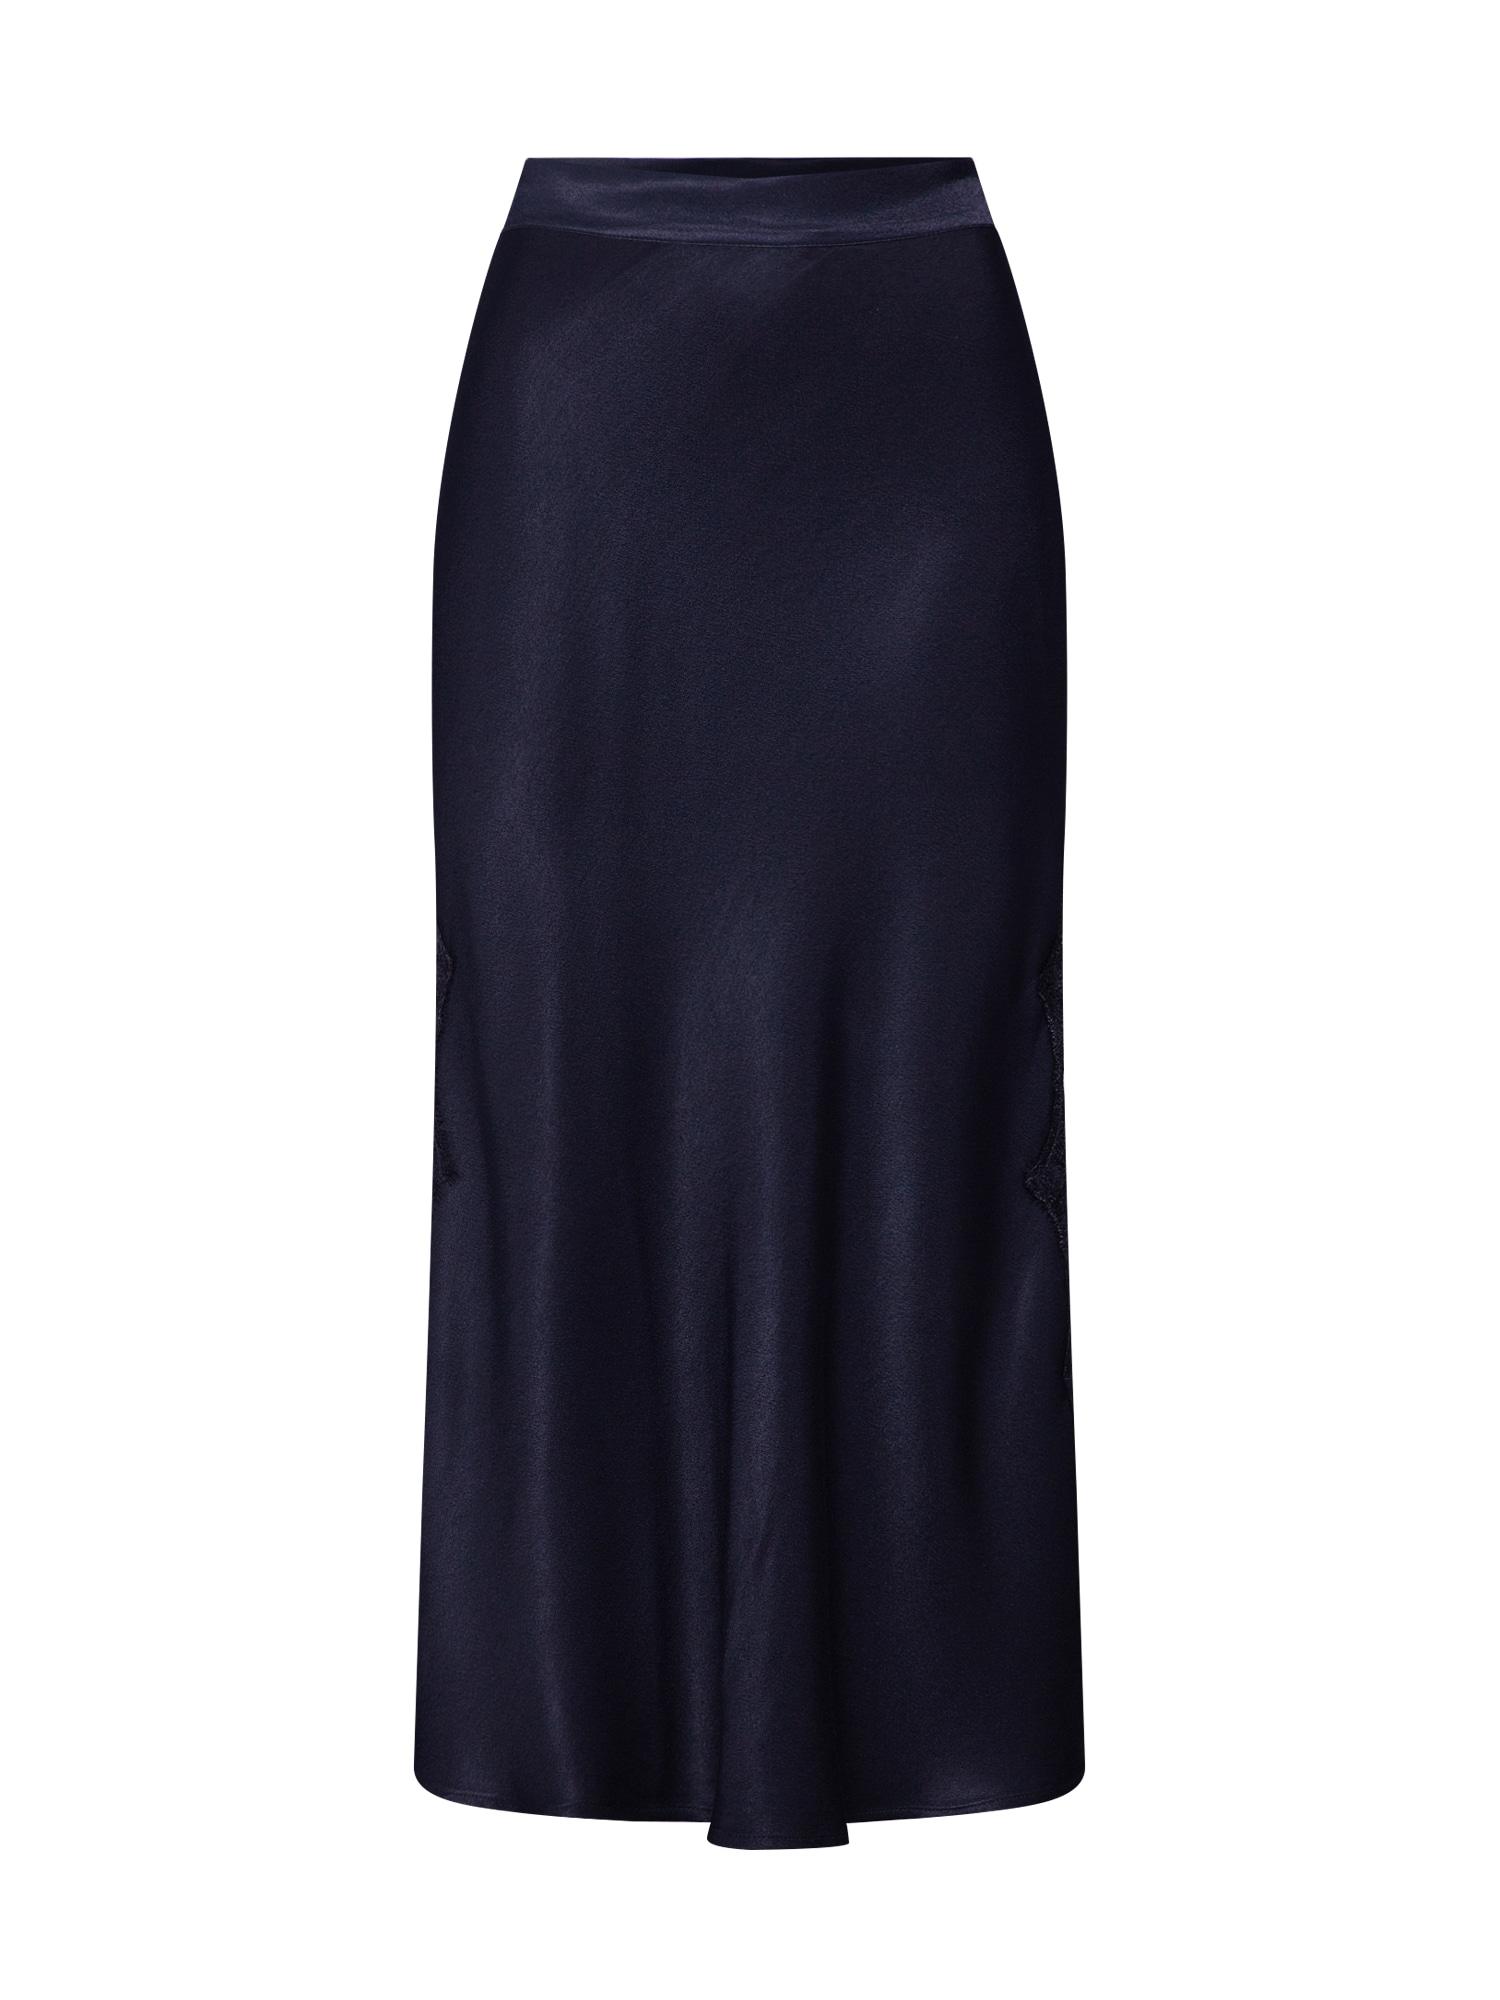 Sukně Midi Skirt with Lace černá Ragdoll LA